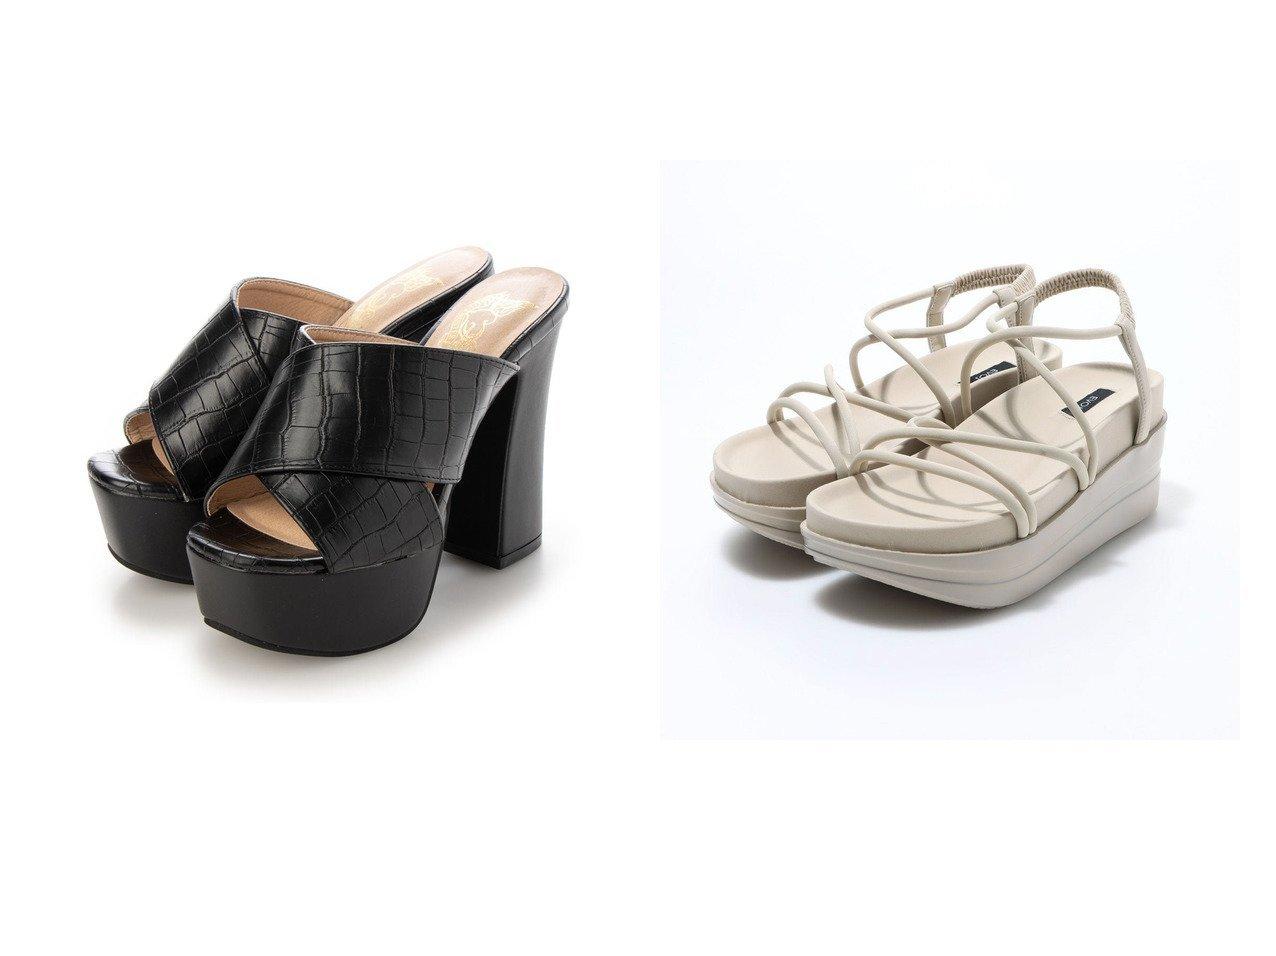 【EVOL/イーボル】のプラットフォームクロスサンダル&【LOVEHUNTER/ラブハンター】のSFW スクエアトゥ厚底ストームクロスサンダル/1551 【シューズ・靴】おすすめ!人気、トレンド・レディースファッションの通販 おすすめで人気の流行・トレンド、ファッションの通販商品 インテリア・家具・メンズファッション・キッズファッション・レディースファッション・服の通販 founy(ファニー) https://founy.com/ ファッション Fashion レディースファッション WOMEN 2021年 2021 2021春夏・S/S SS/Spring/Summer/2021 S/S・春夏 SS・Spring/Summer トレンド フレア 人気 厚底 春 Spring  ID:crp329100000045187